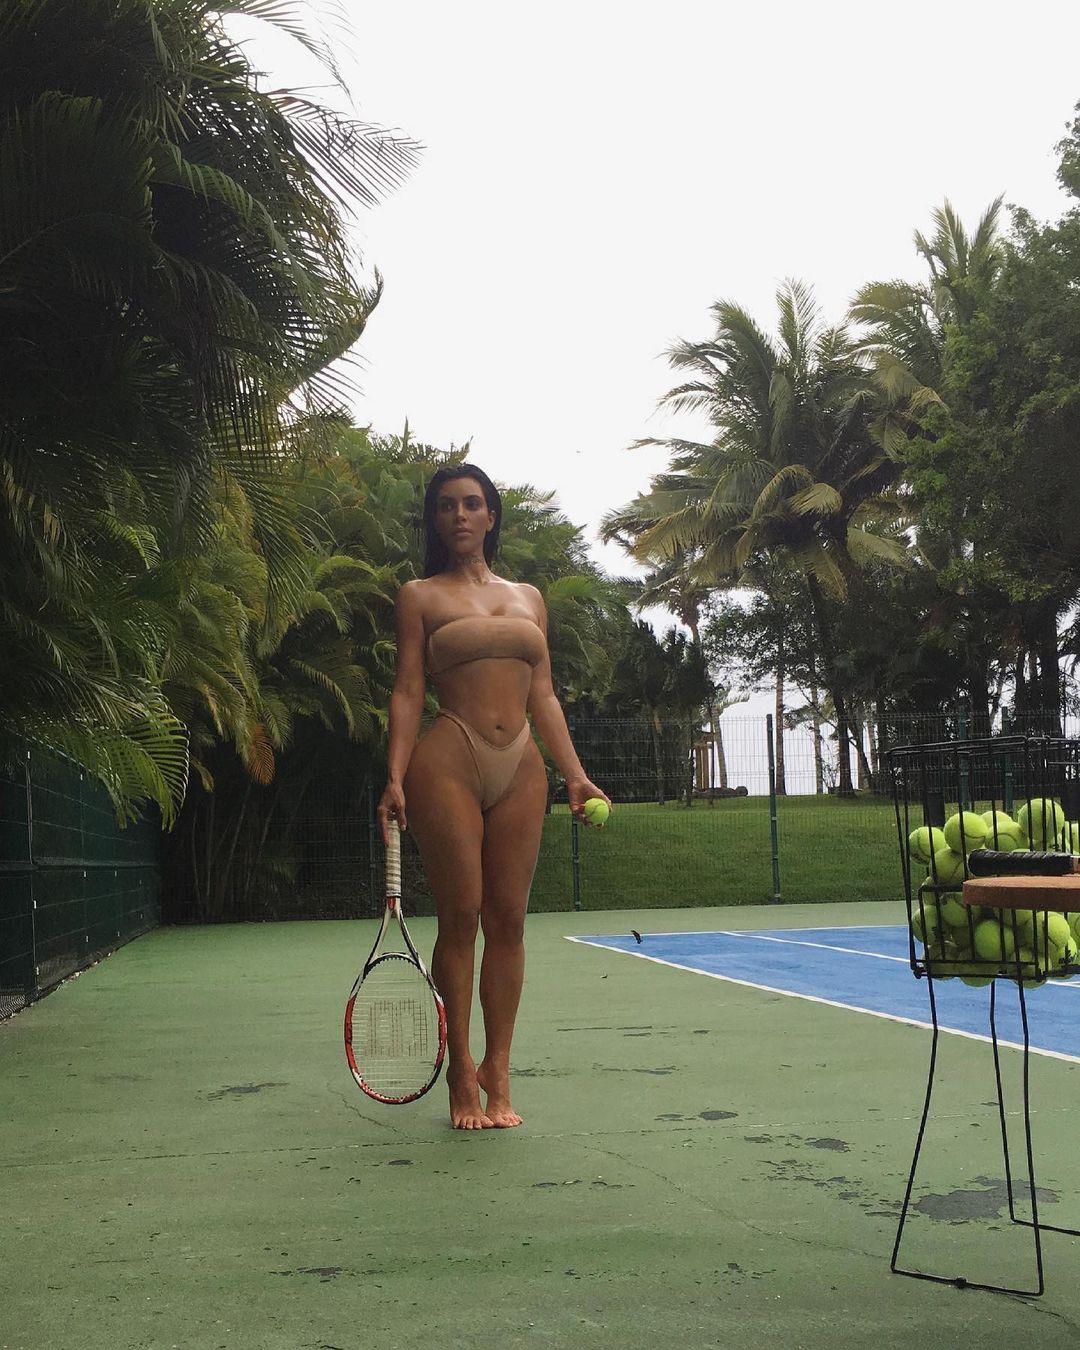 キム・カーダシアン「資産10億ドル以上のビリオネア!」セクシーすぎるテニスのお誘い?【画像3枚】の画像003